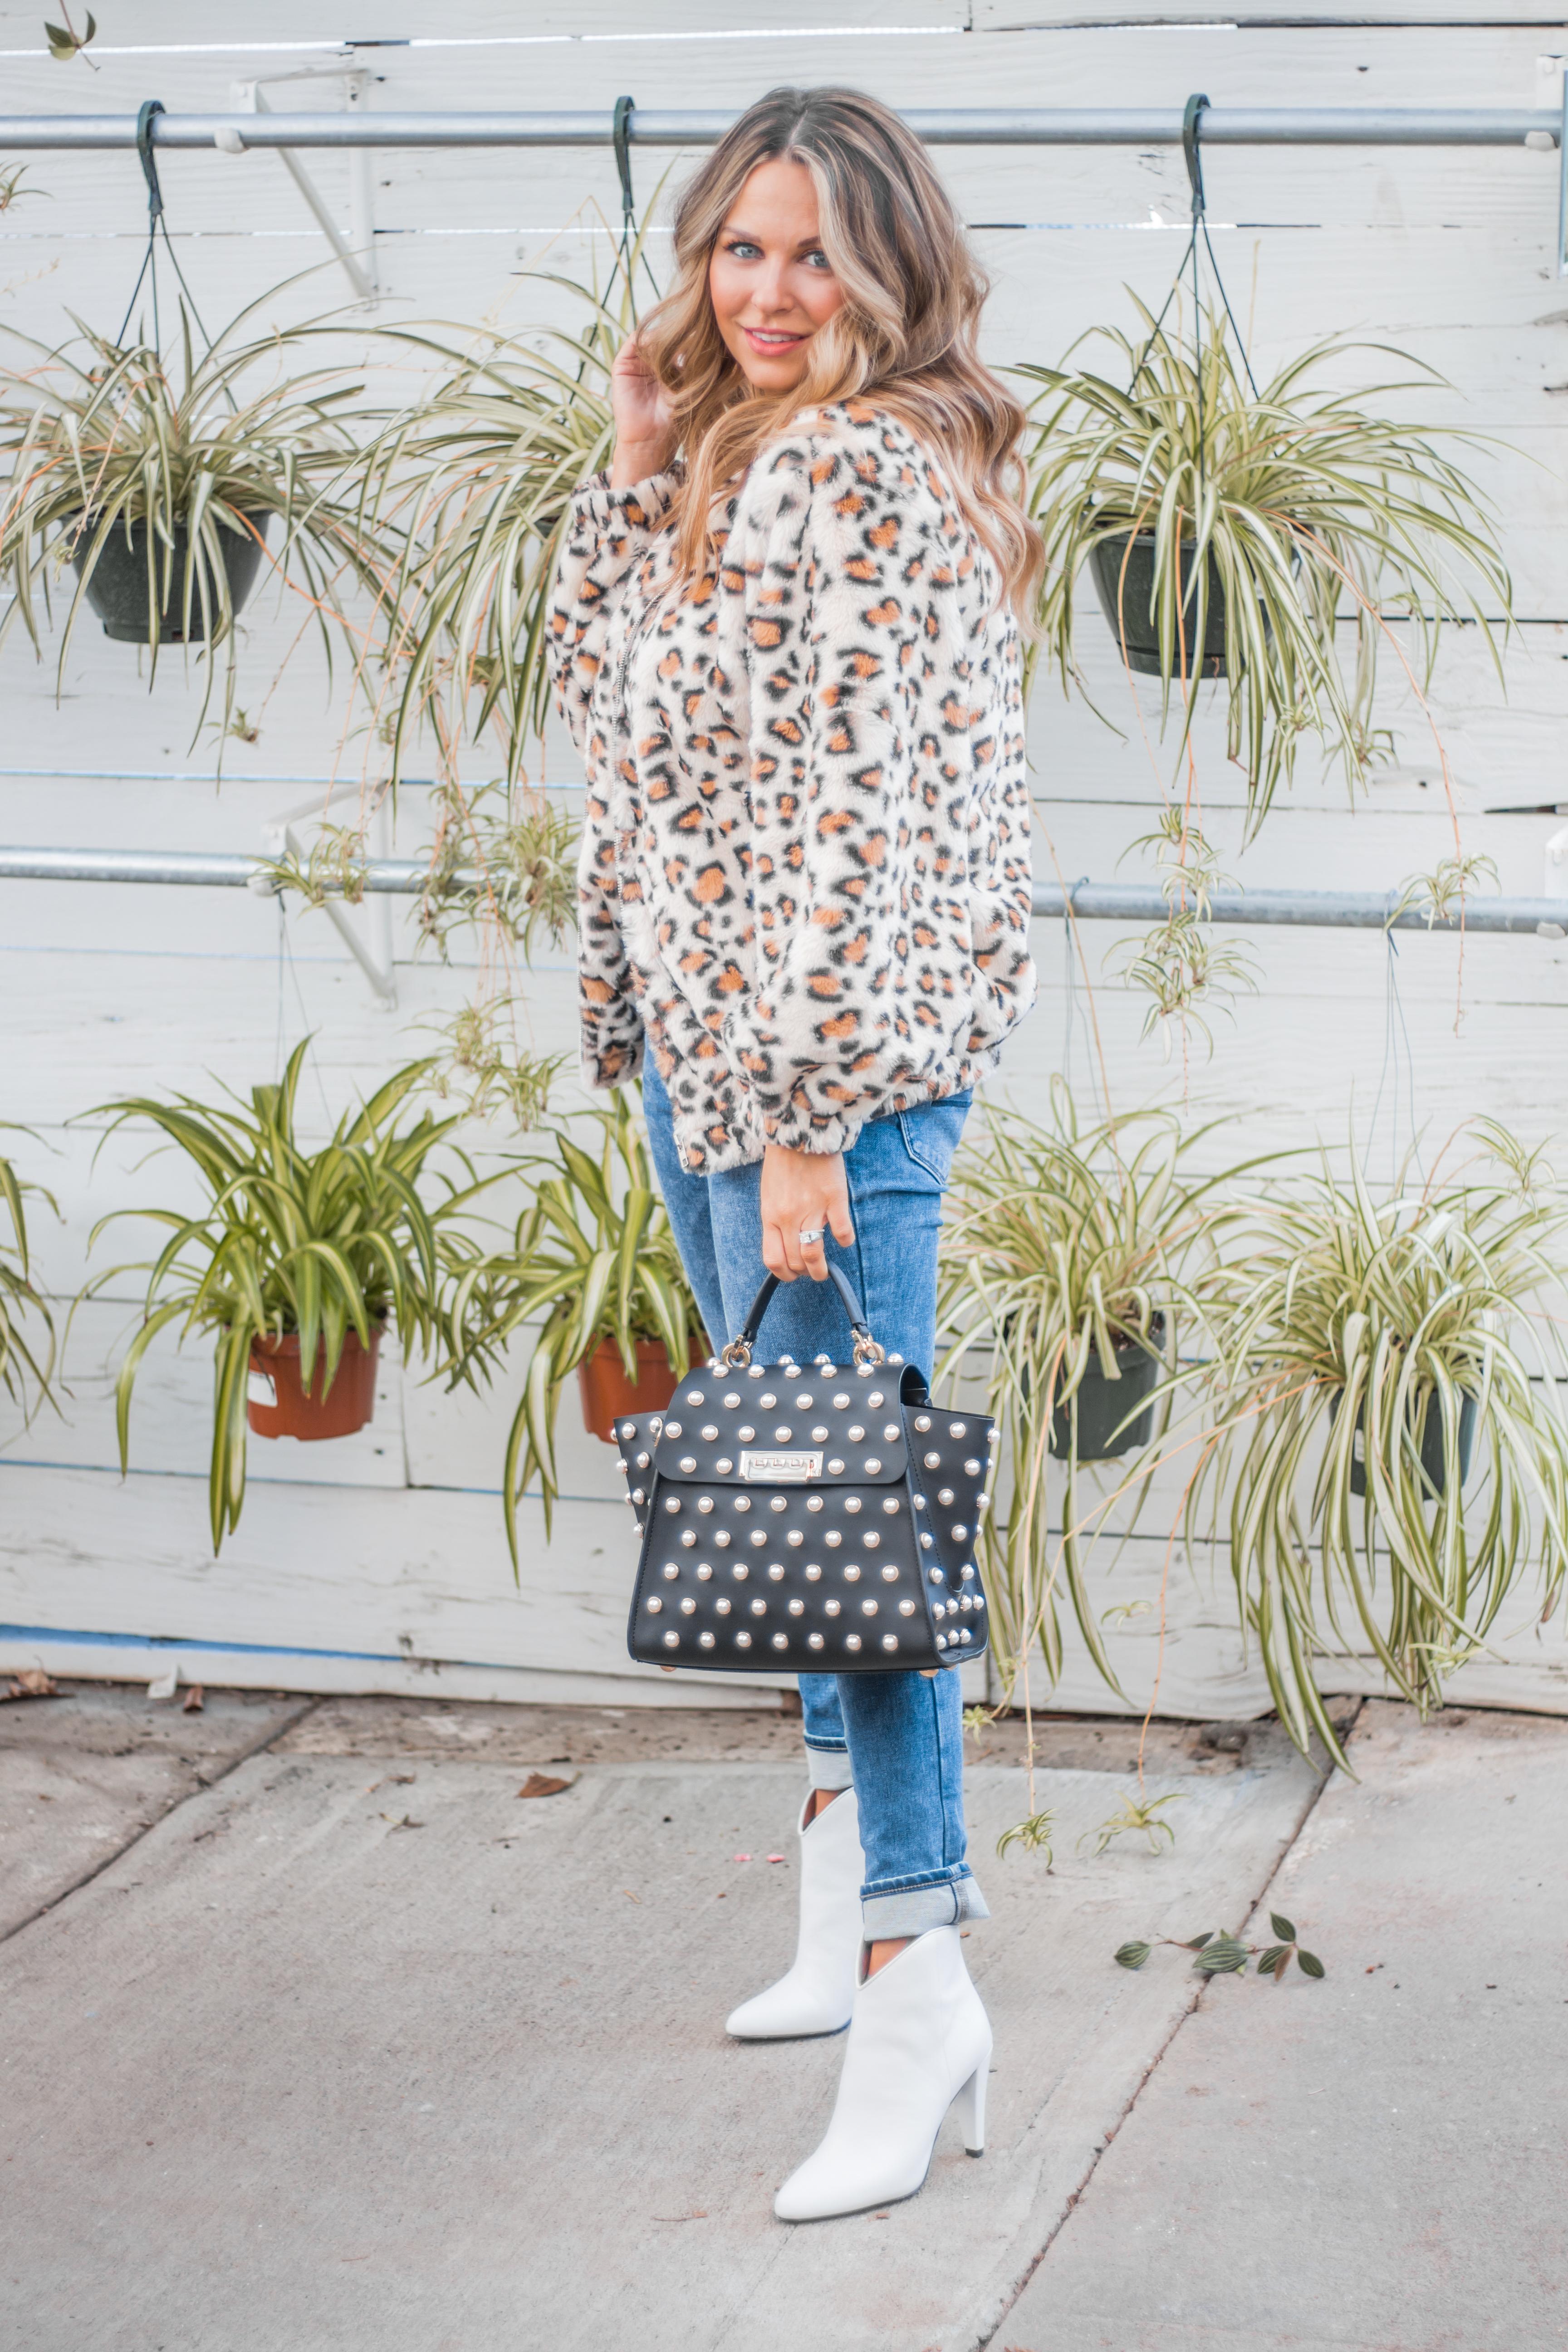 Women's Fashion - White Boots - Leopard Jacket - Spring Fashion - Winter Fashion - Zac Posen Eartha - Outfit Inspo - OOTD - 2